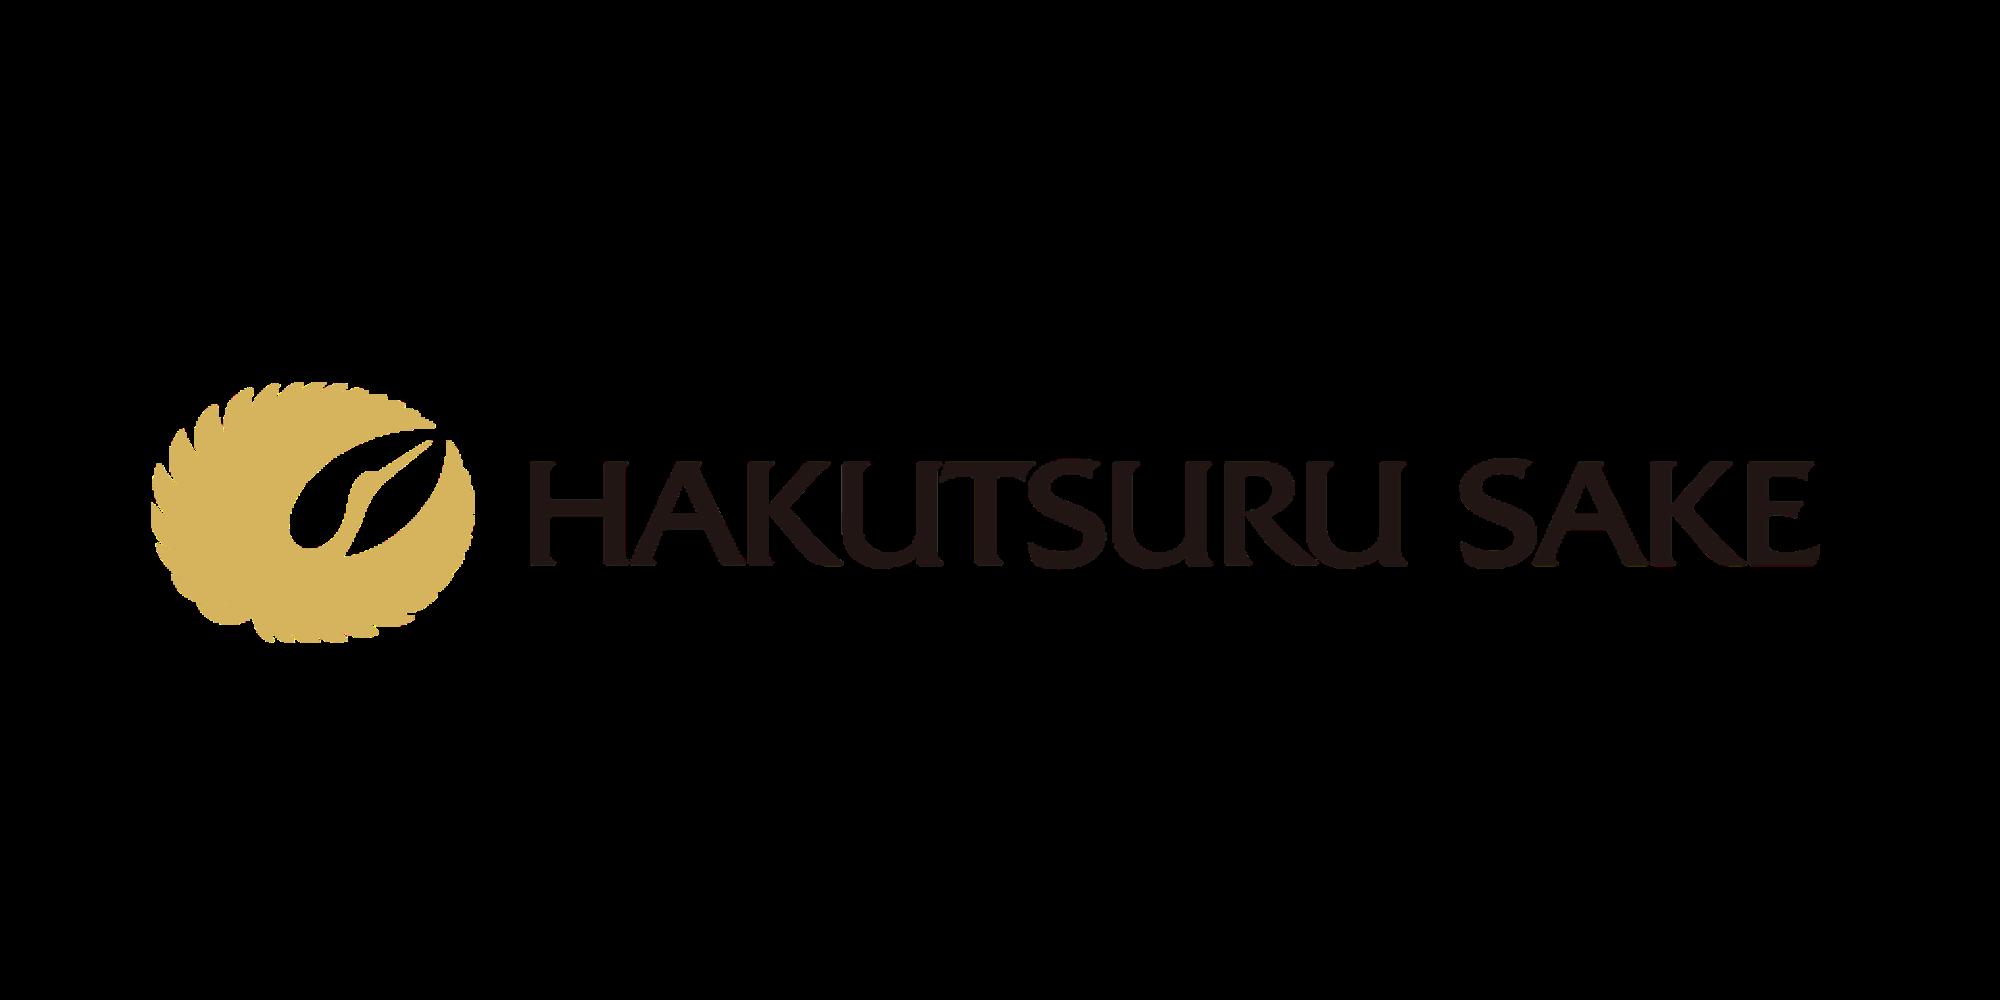 Hakutsuru logo